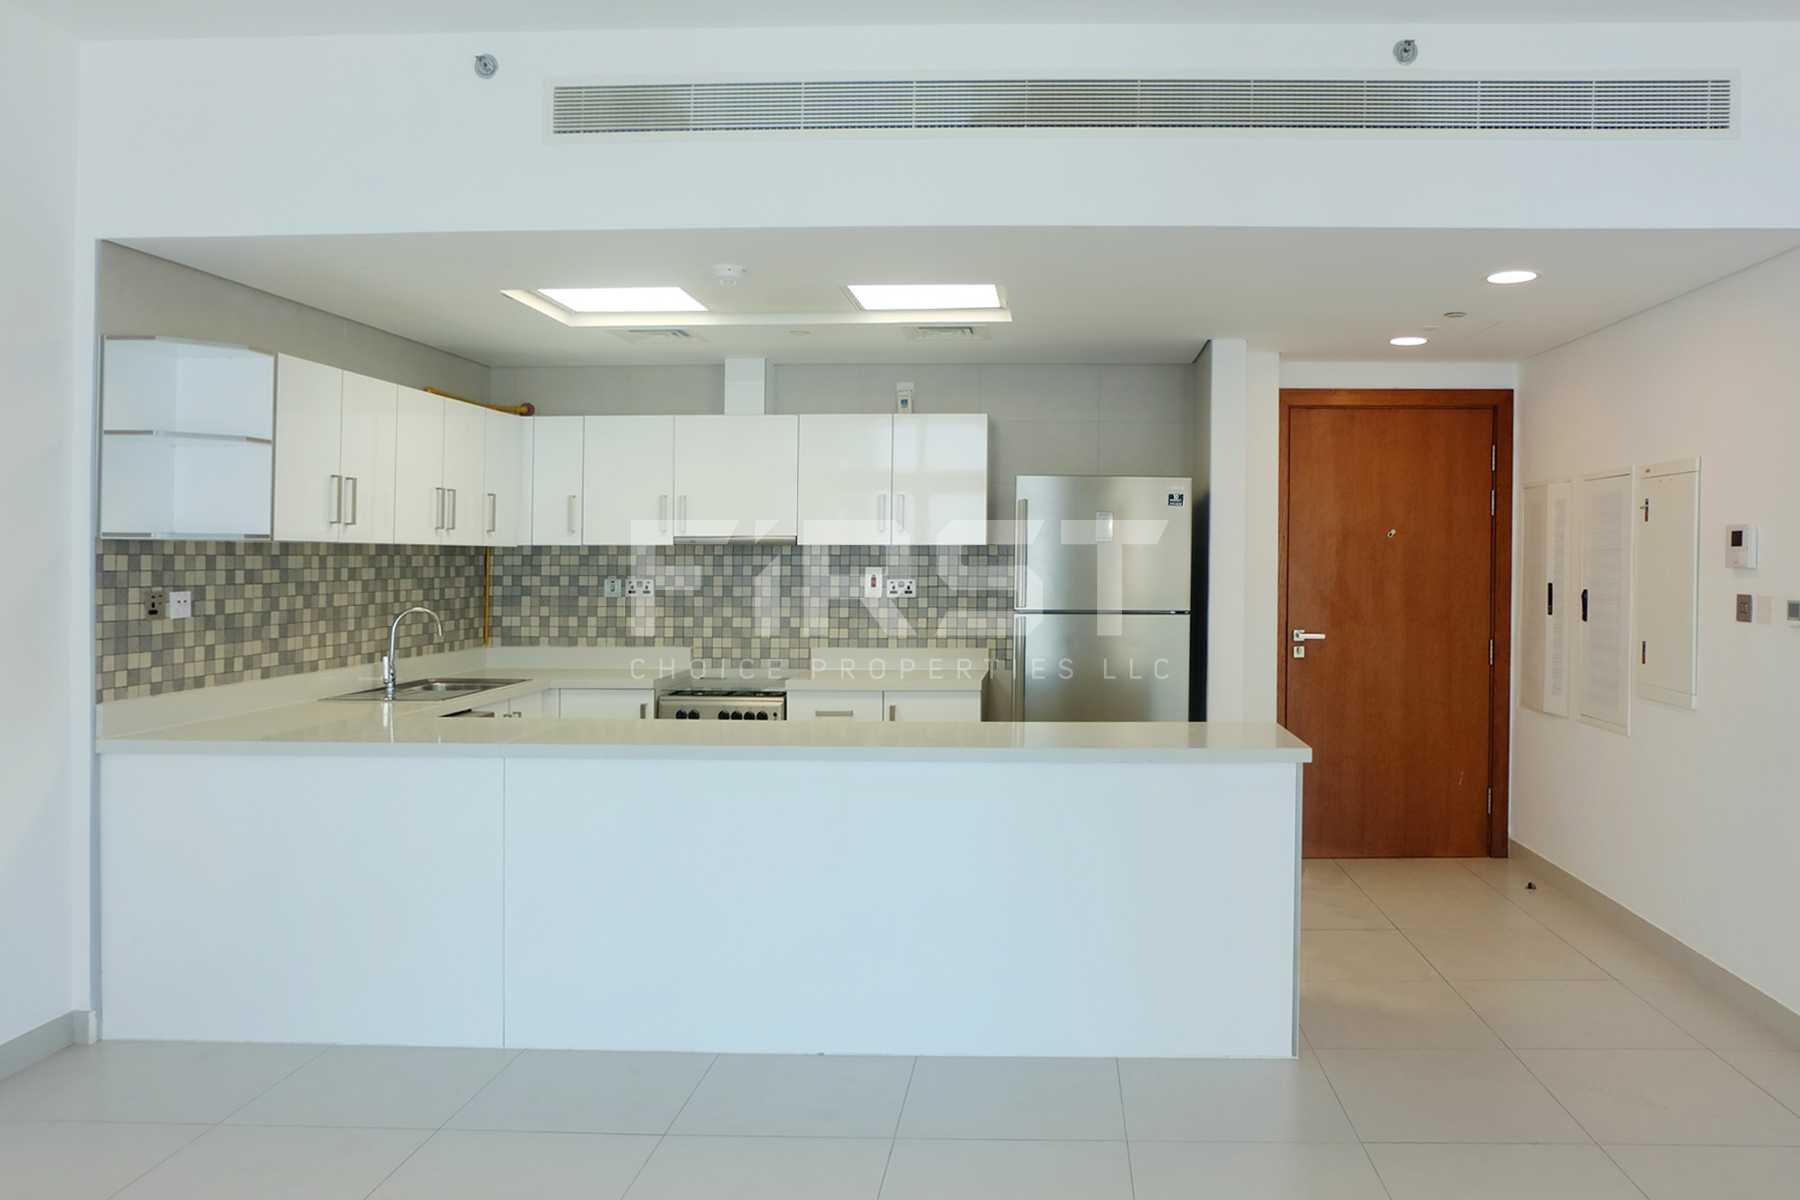 Internal Photo of  2 Bedroom Apartment in Parkside Residence Shams Abu Dhabi UAE (5).jpg